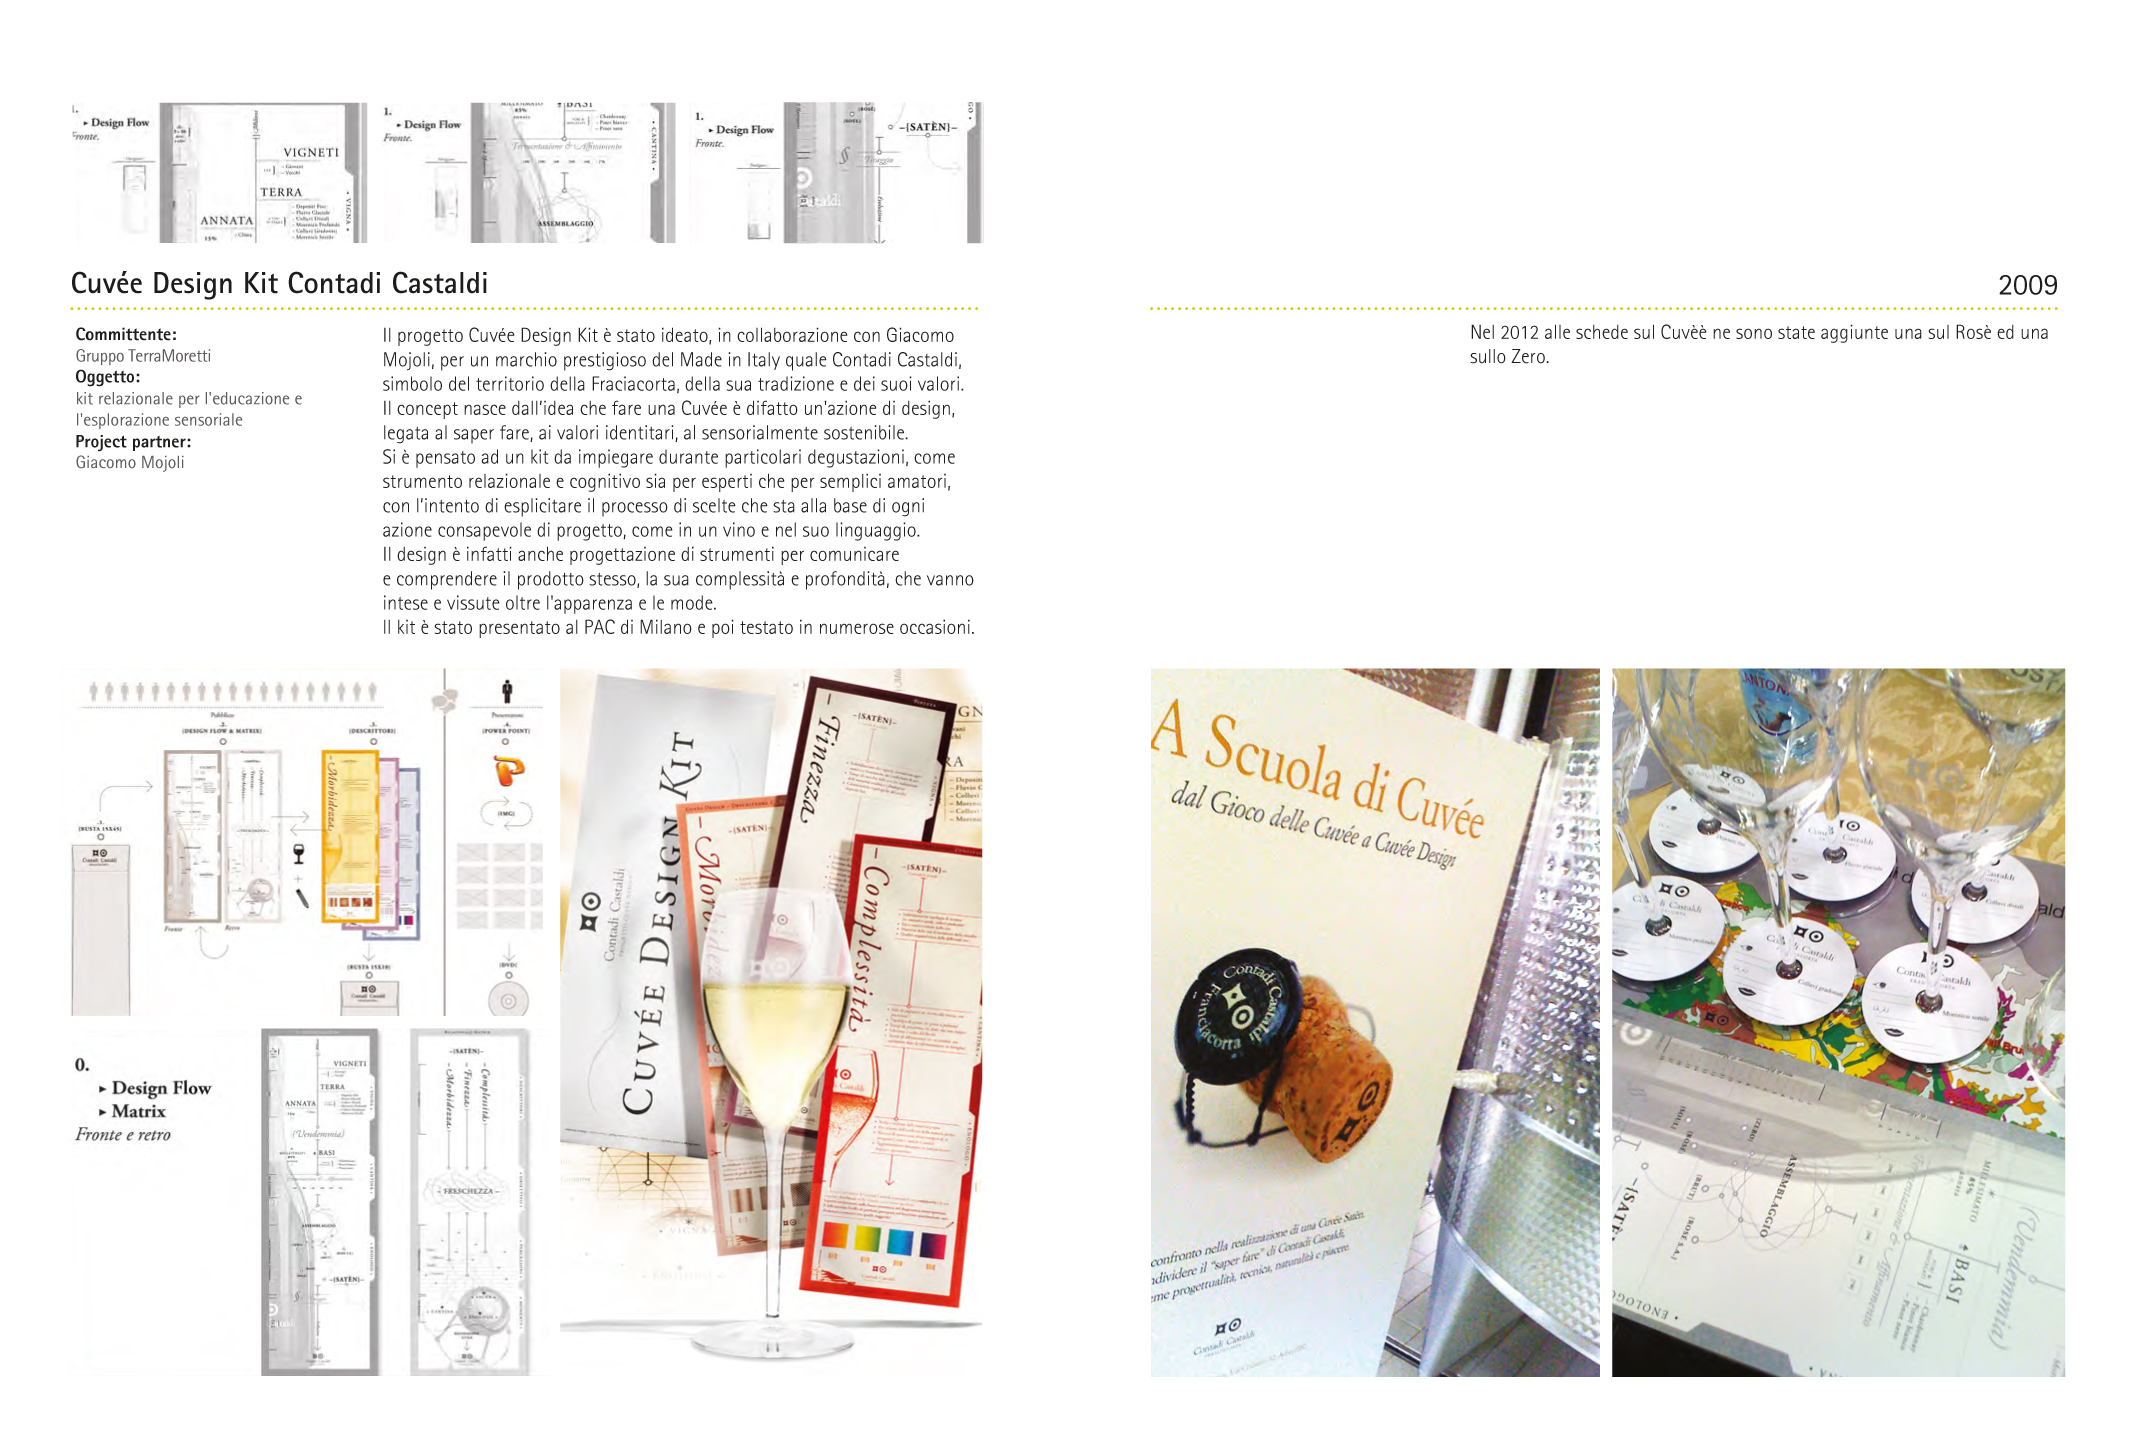 Cuvèe Design Kit 2